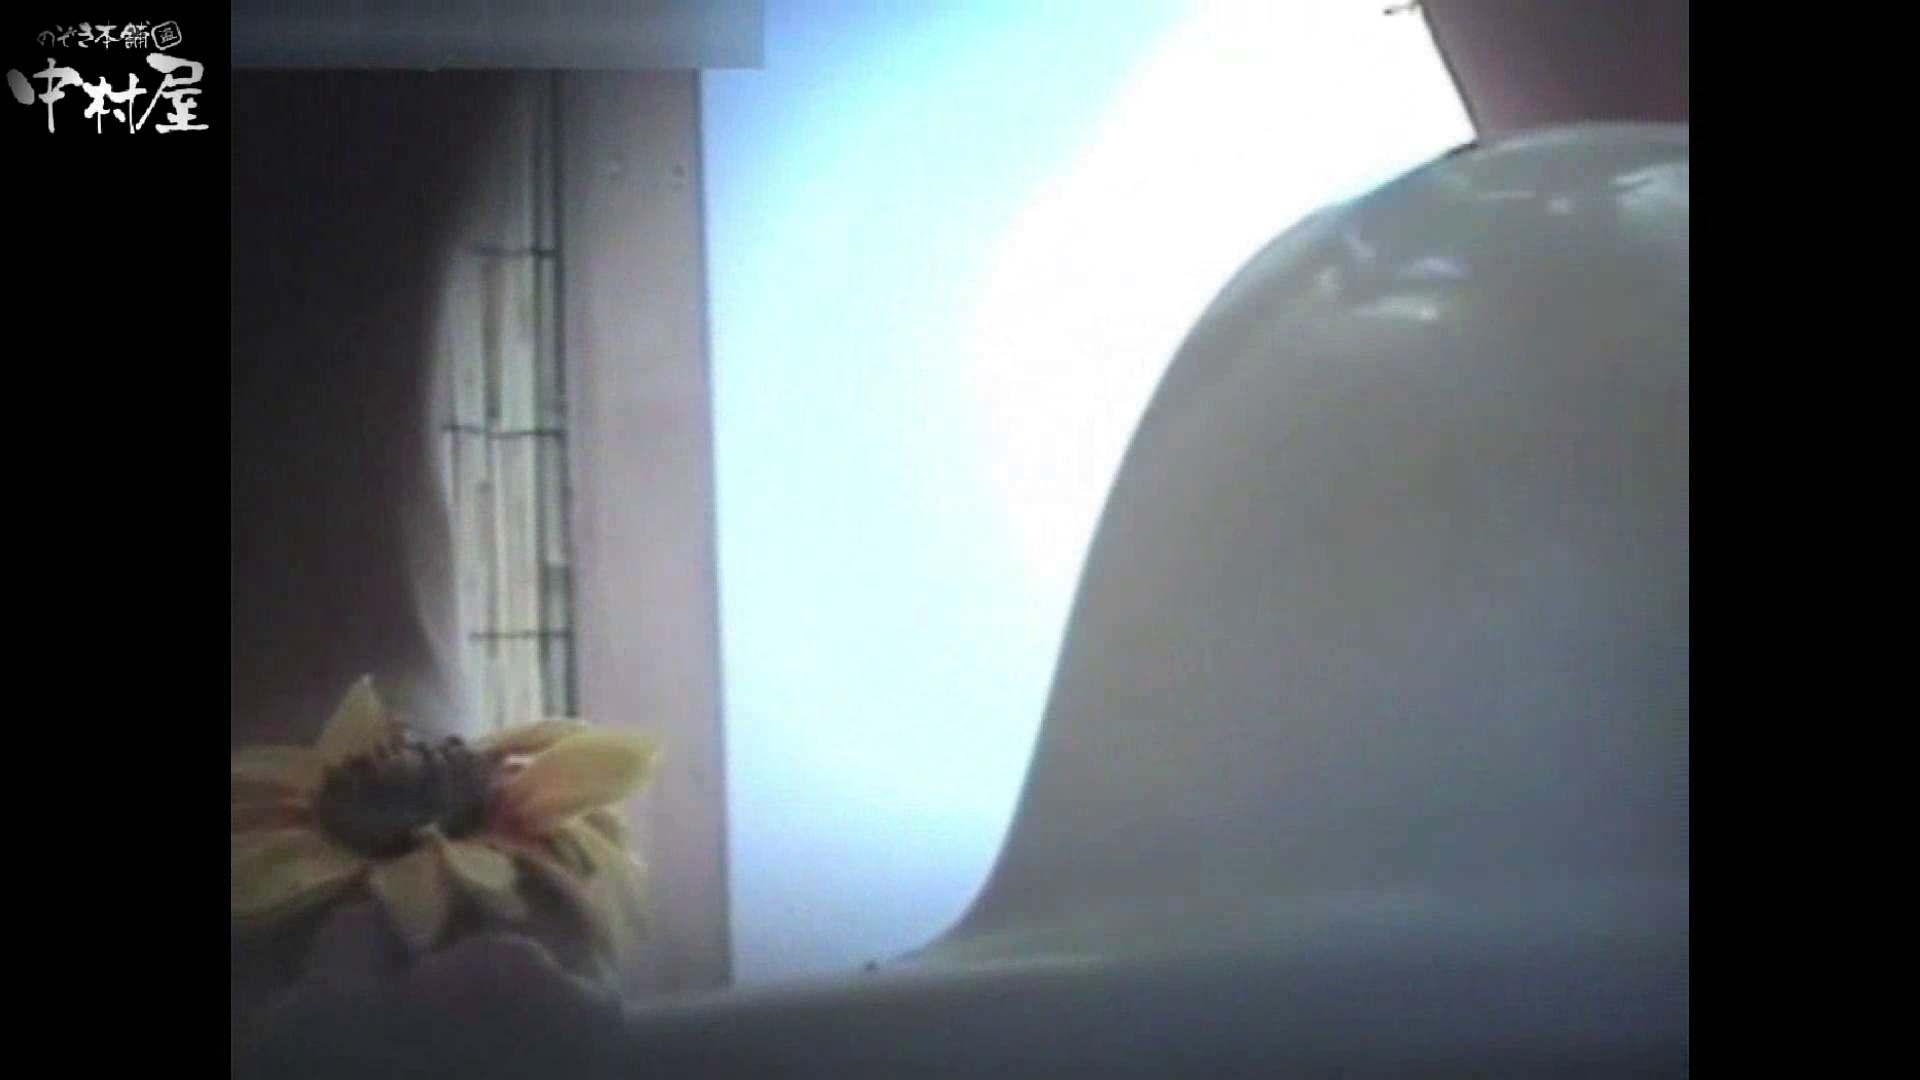 解禁!海の家4カメ洗面所vol.71 ギャルハメ撮り  55Pix 23